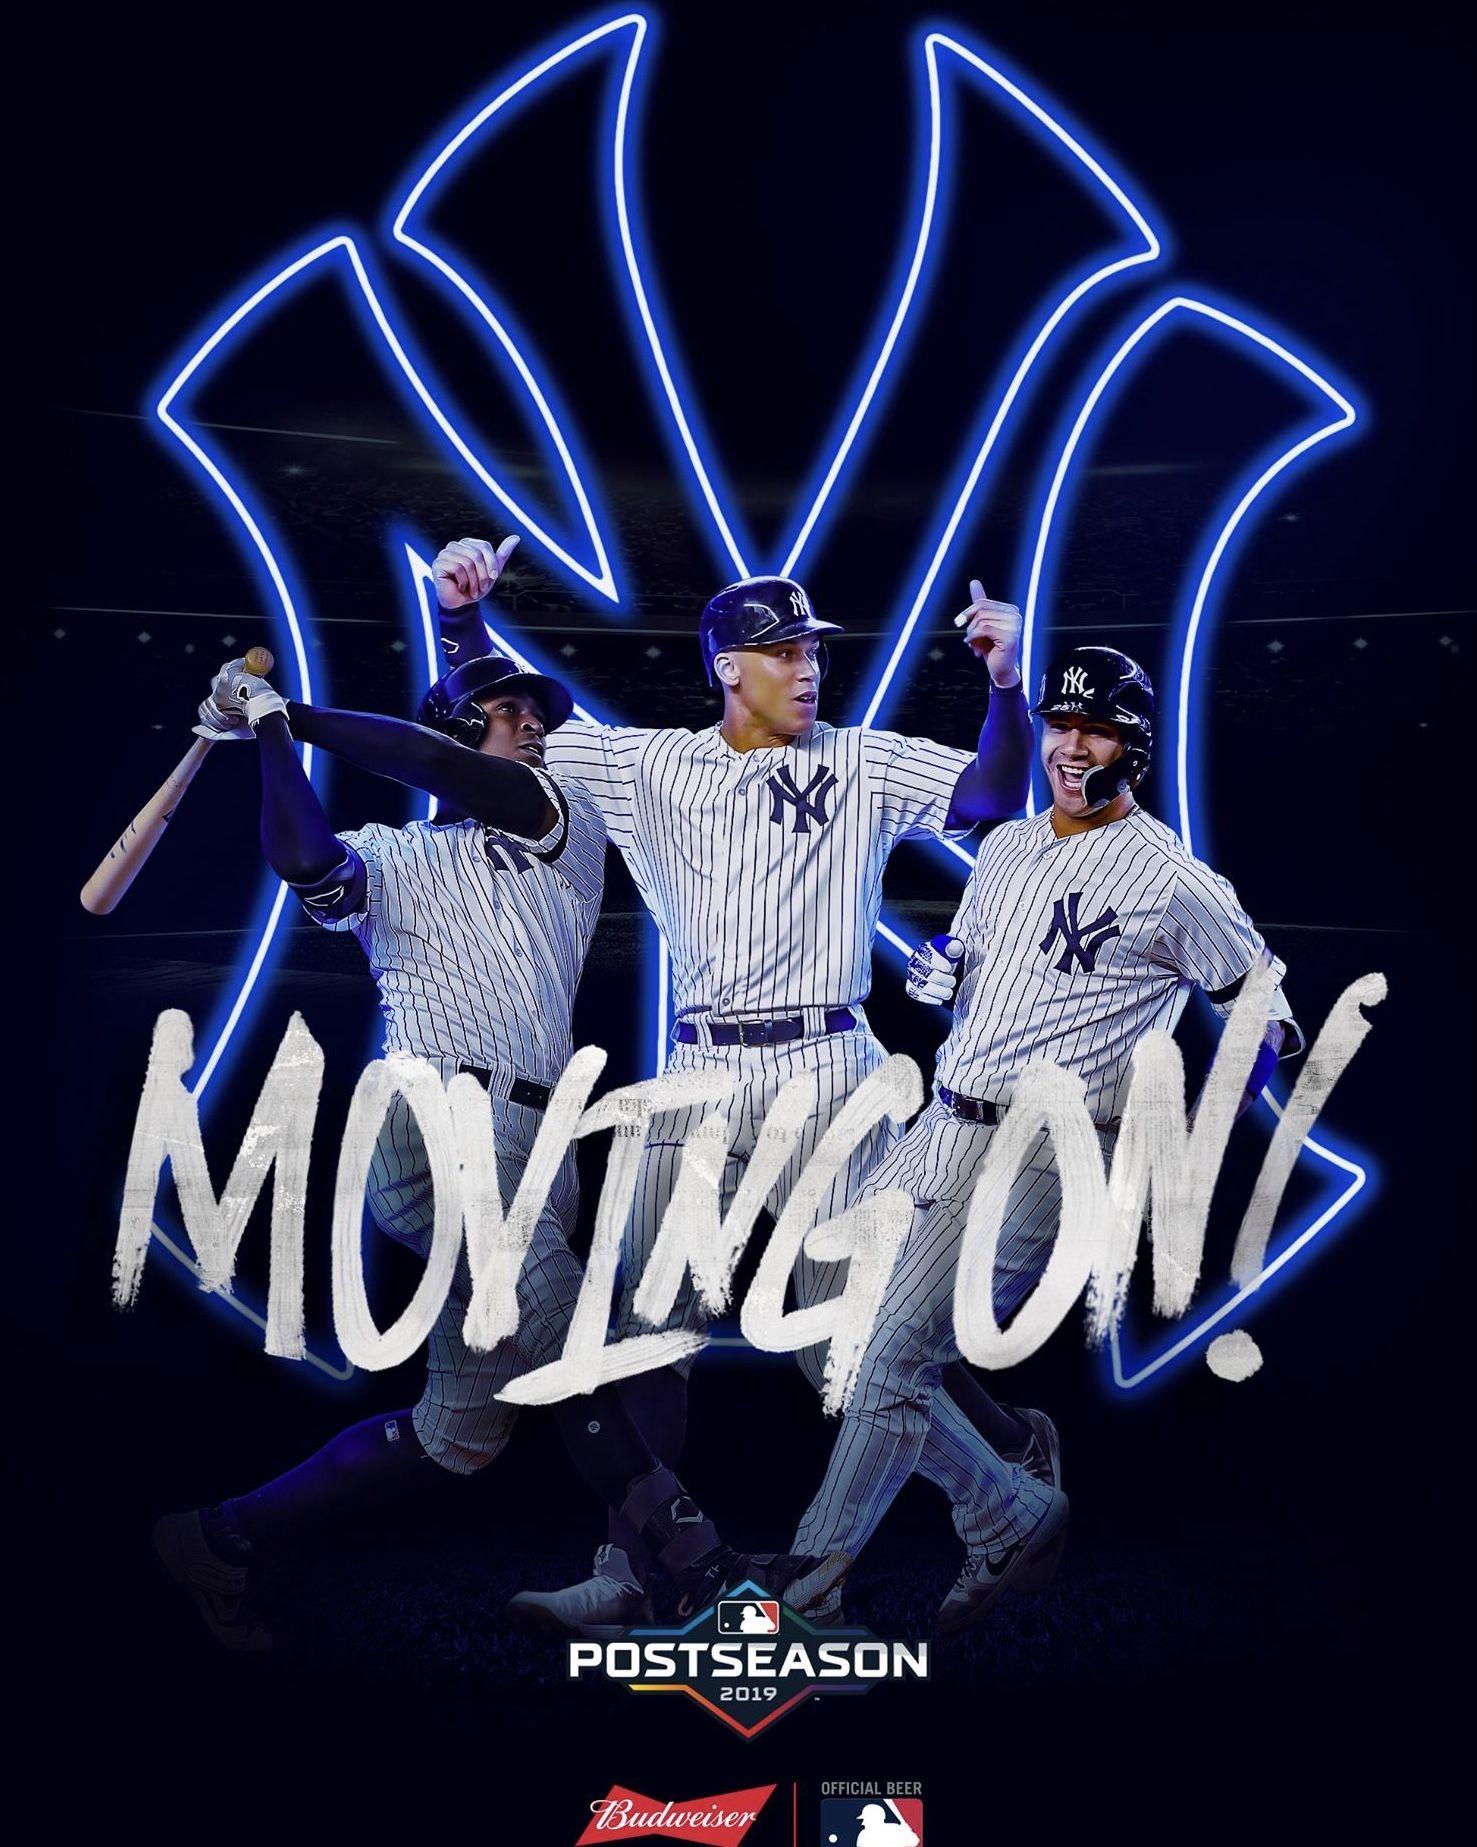 Pin By Linda Riga On Ny Yankees Yankees Baseball Yankees Fan Ny Yankees